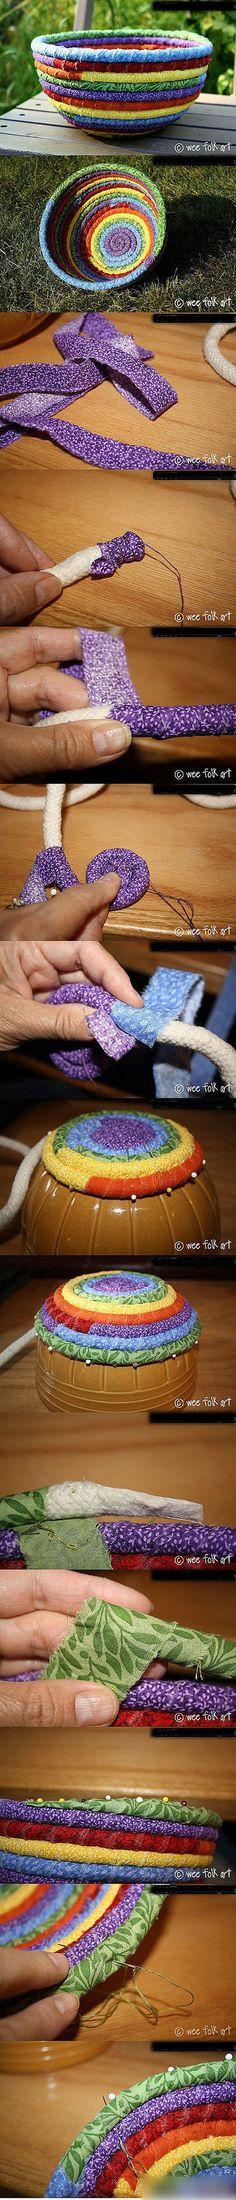 Una cesta muy colorida